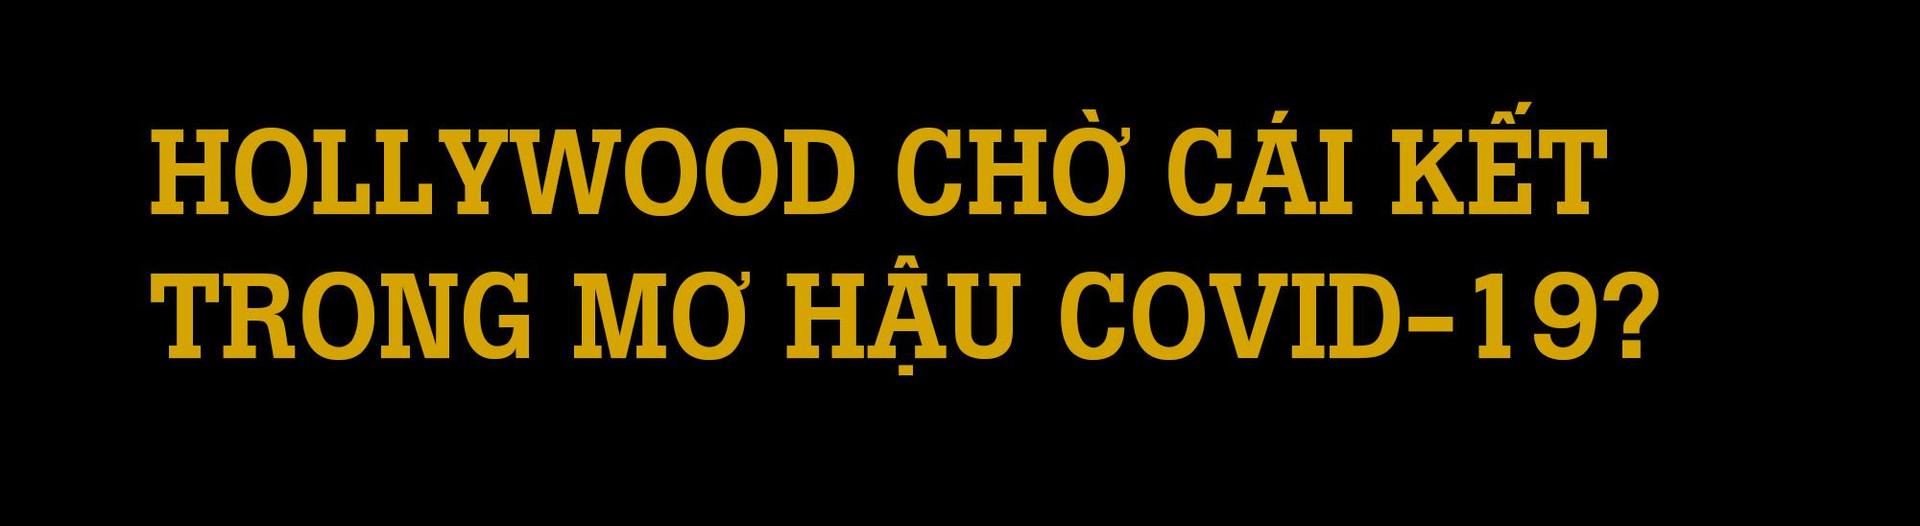 covid-20tit3.jpg